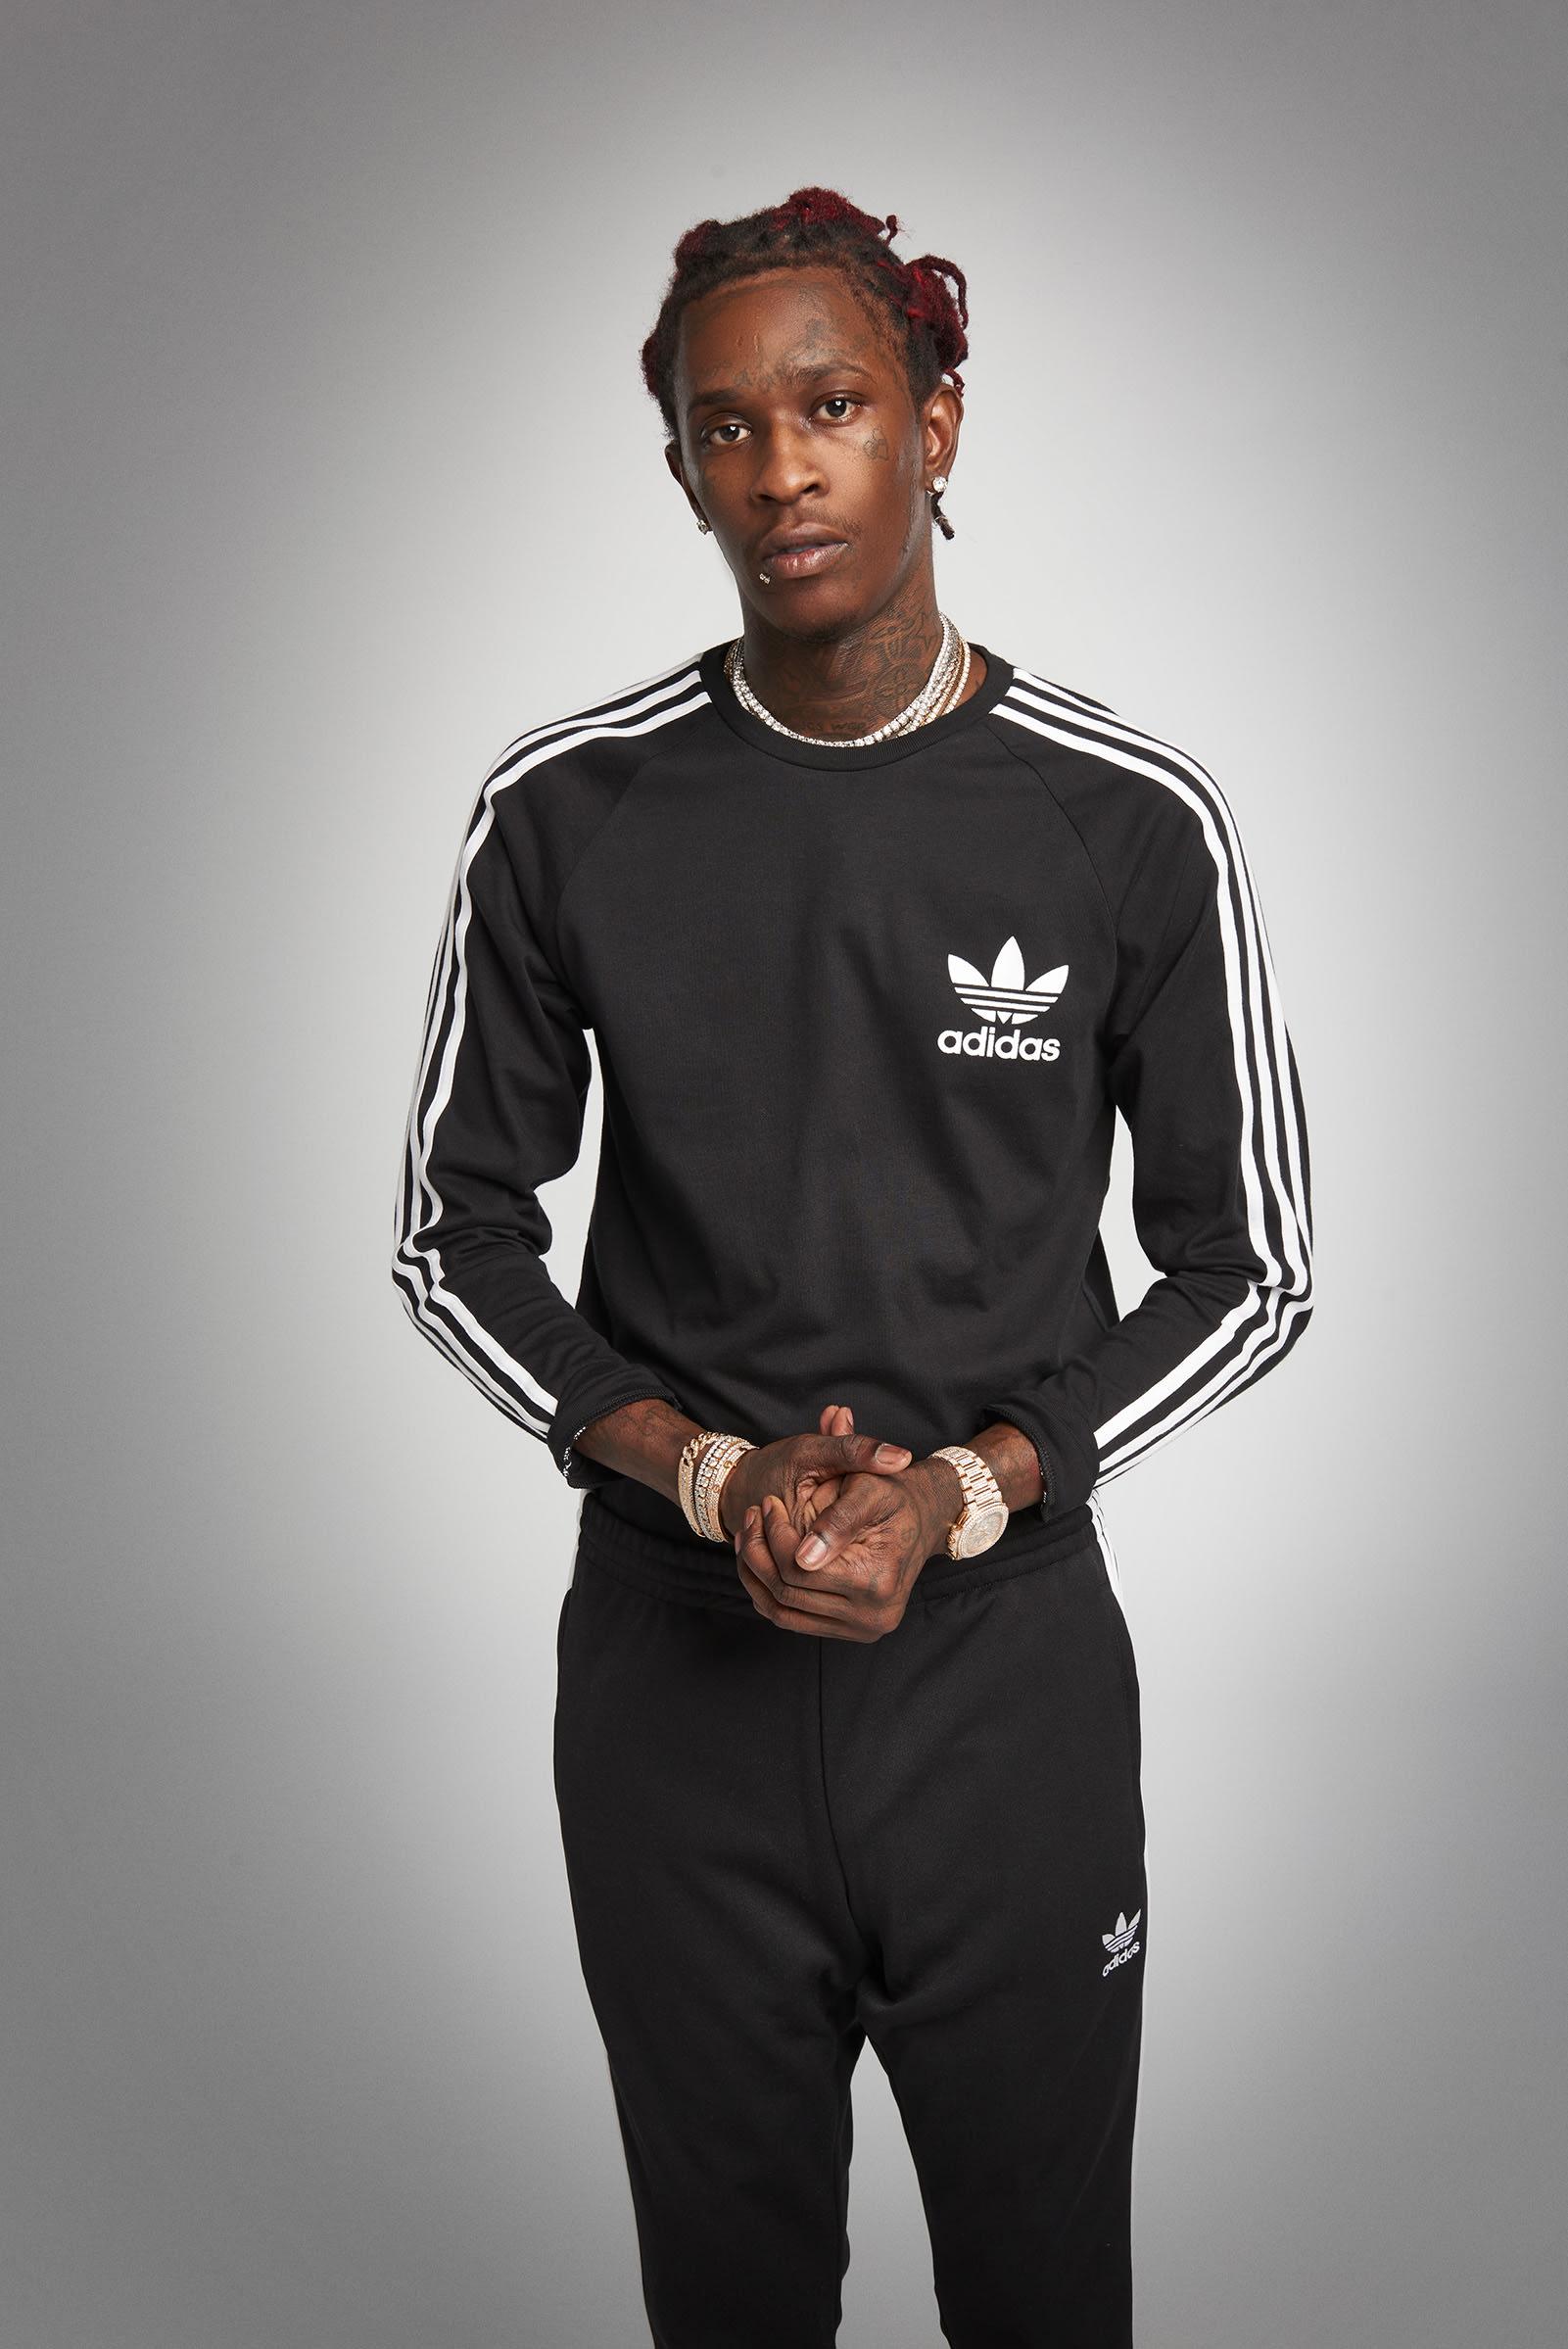 Young Thug Adidas